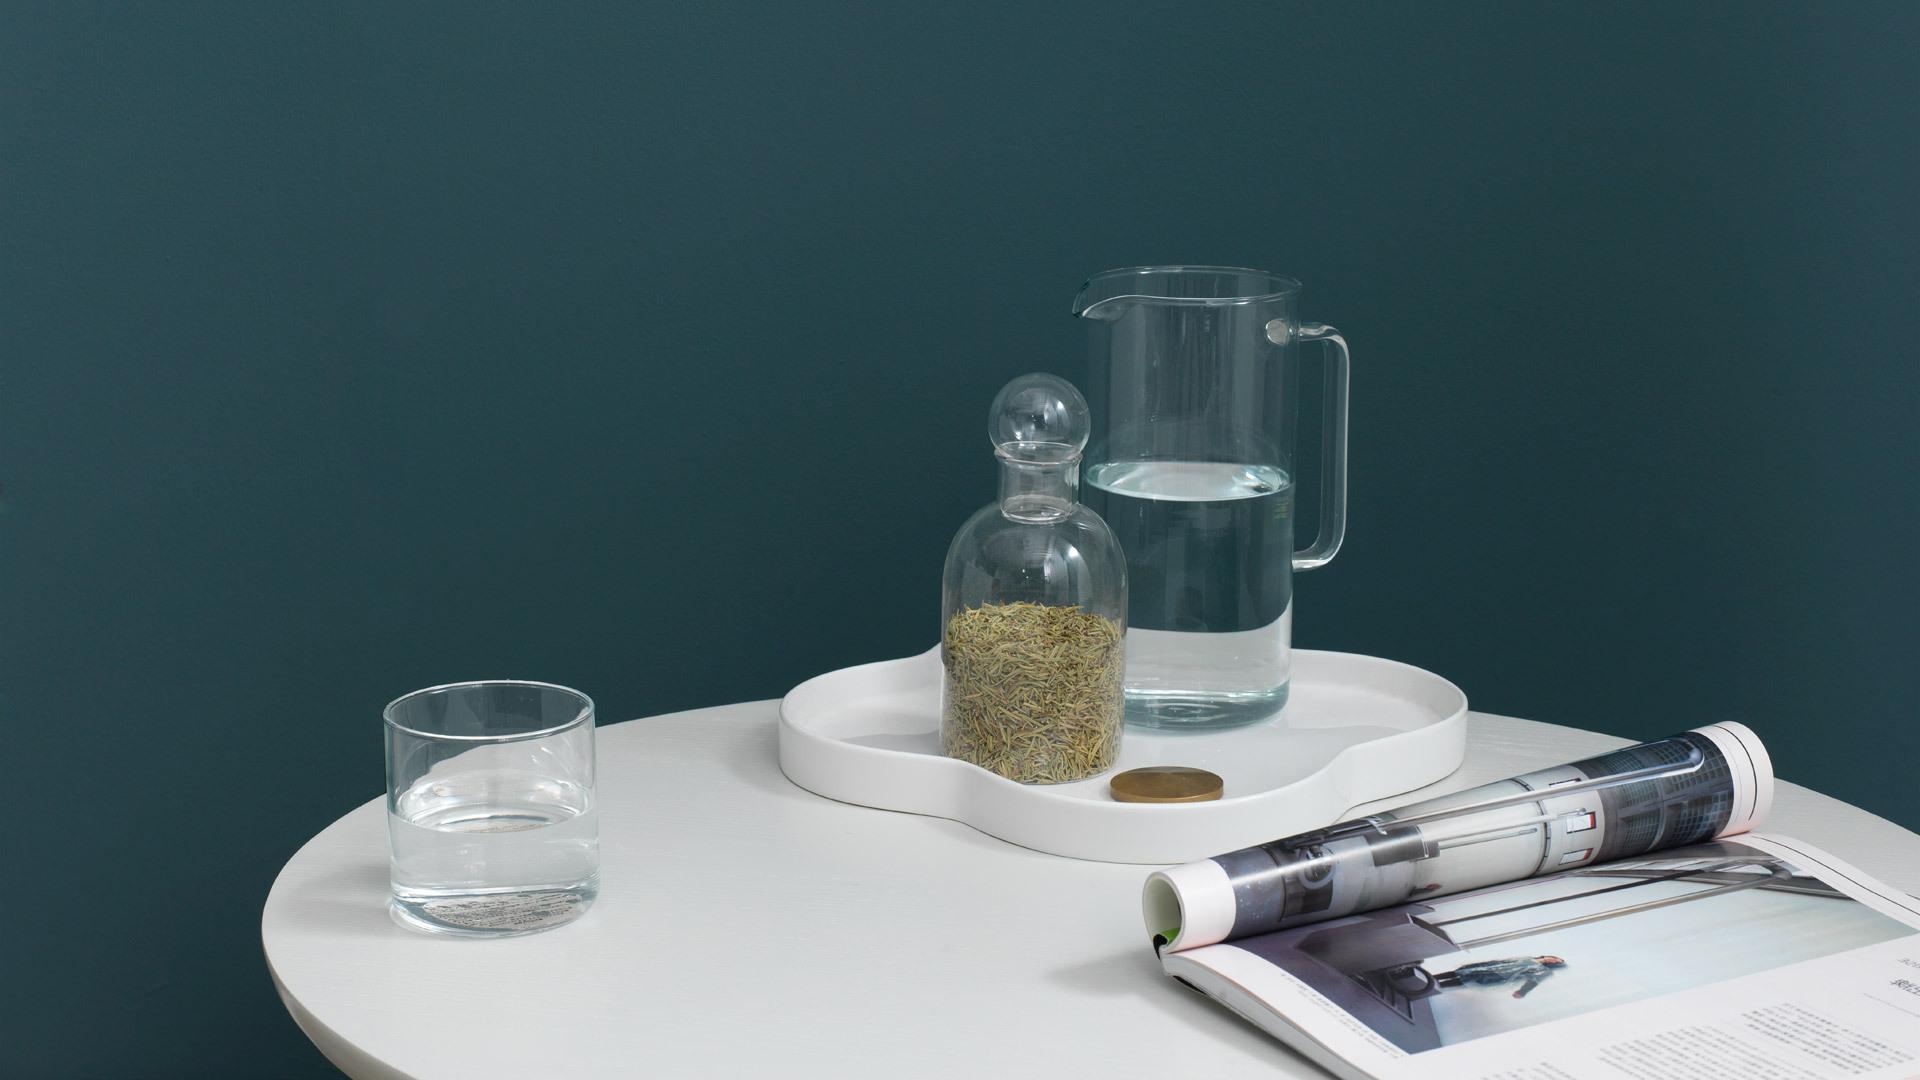 温润简洁,休闲时刻的桌边储物